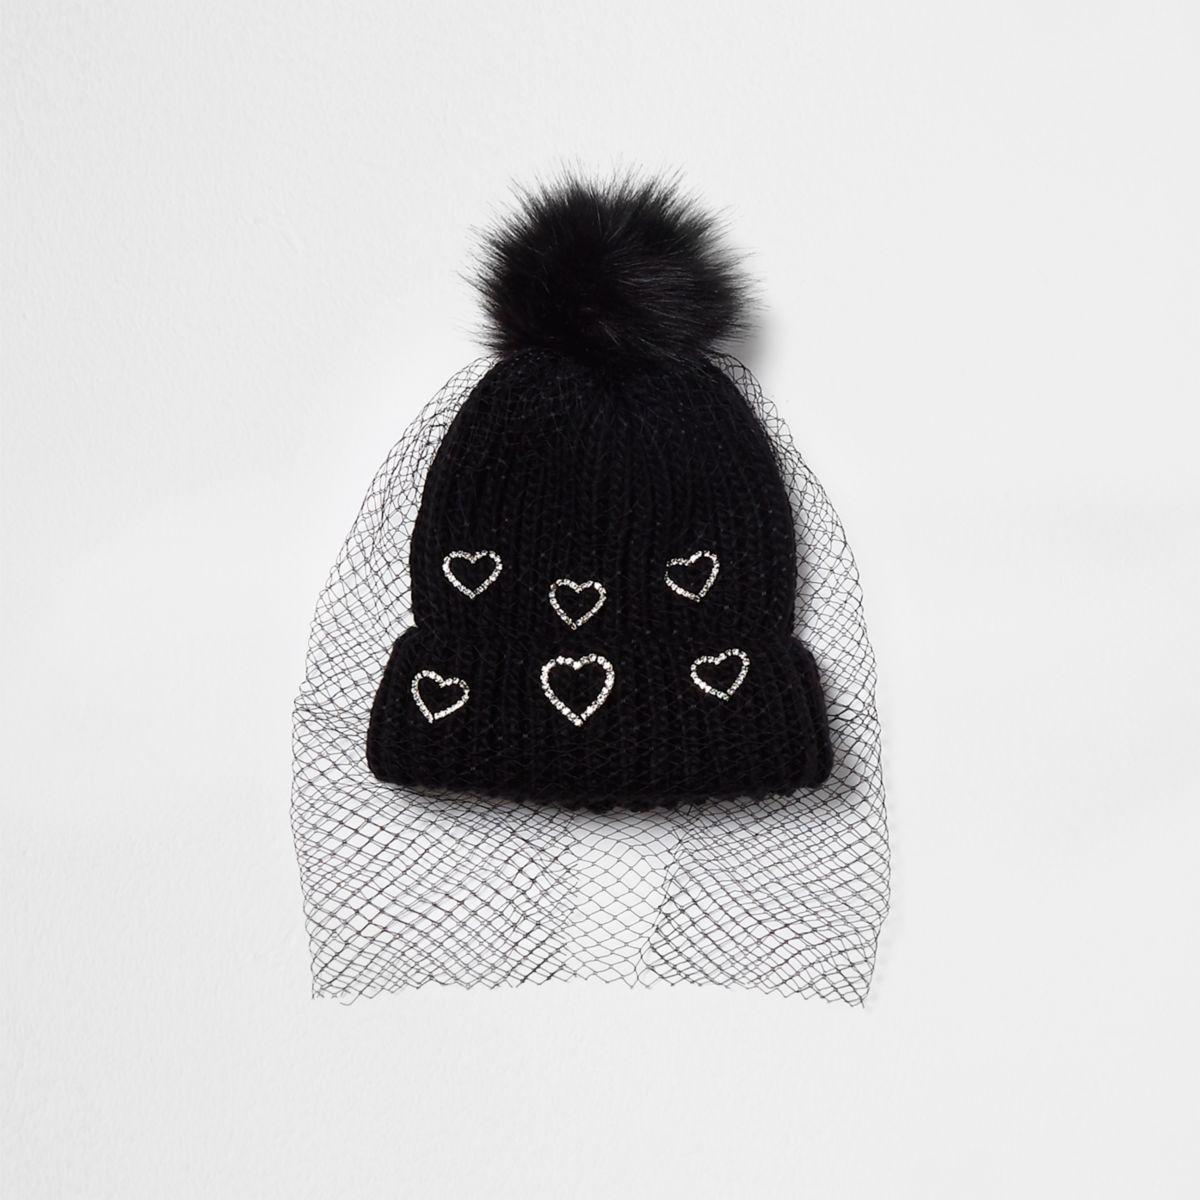 Bonnet noir à cœurs avec pompon et voile en résille